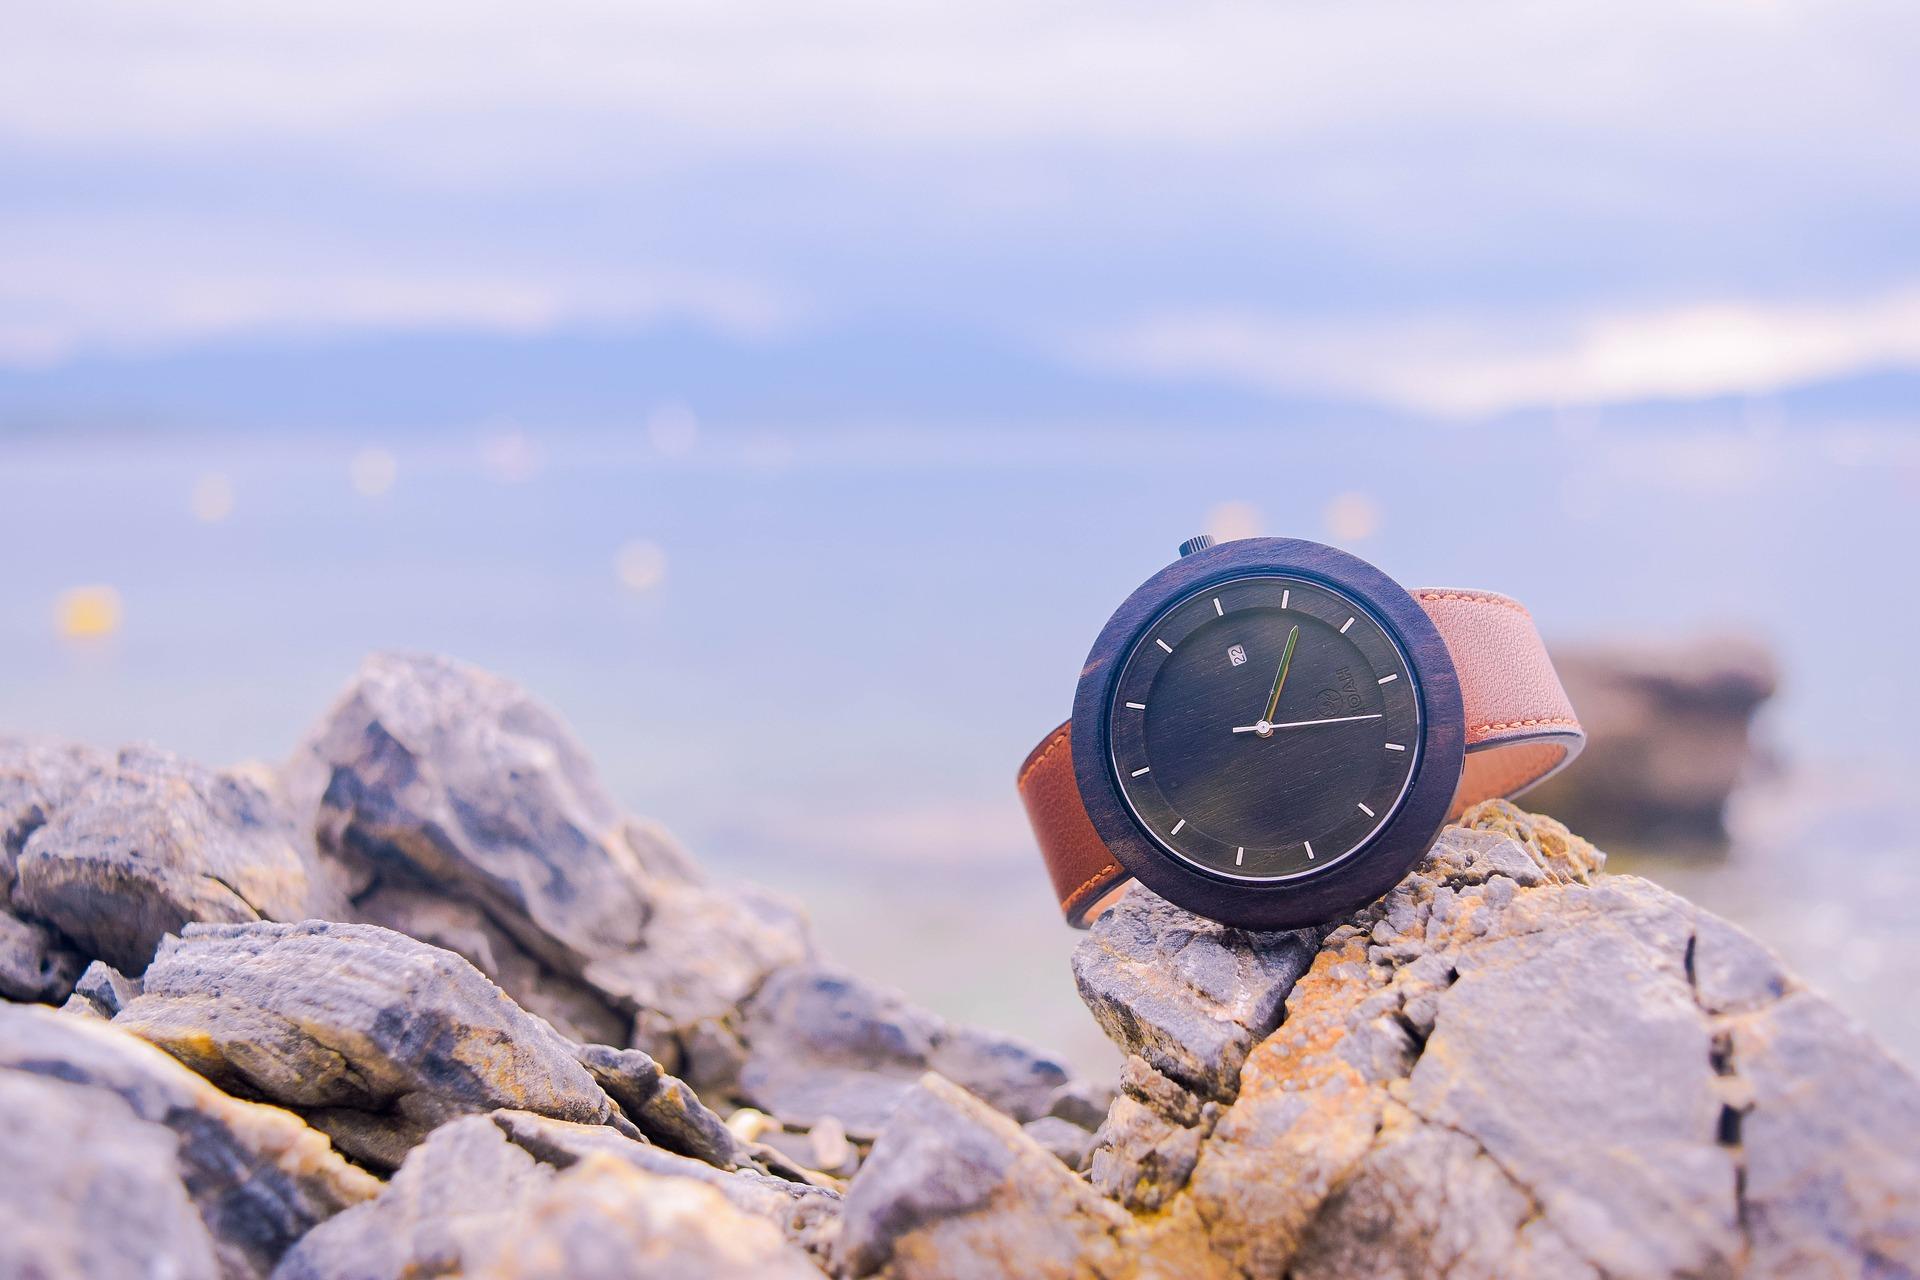 Podsumowanie wakacyjnych przemyśleń o zegarkach